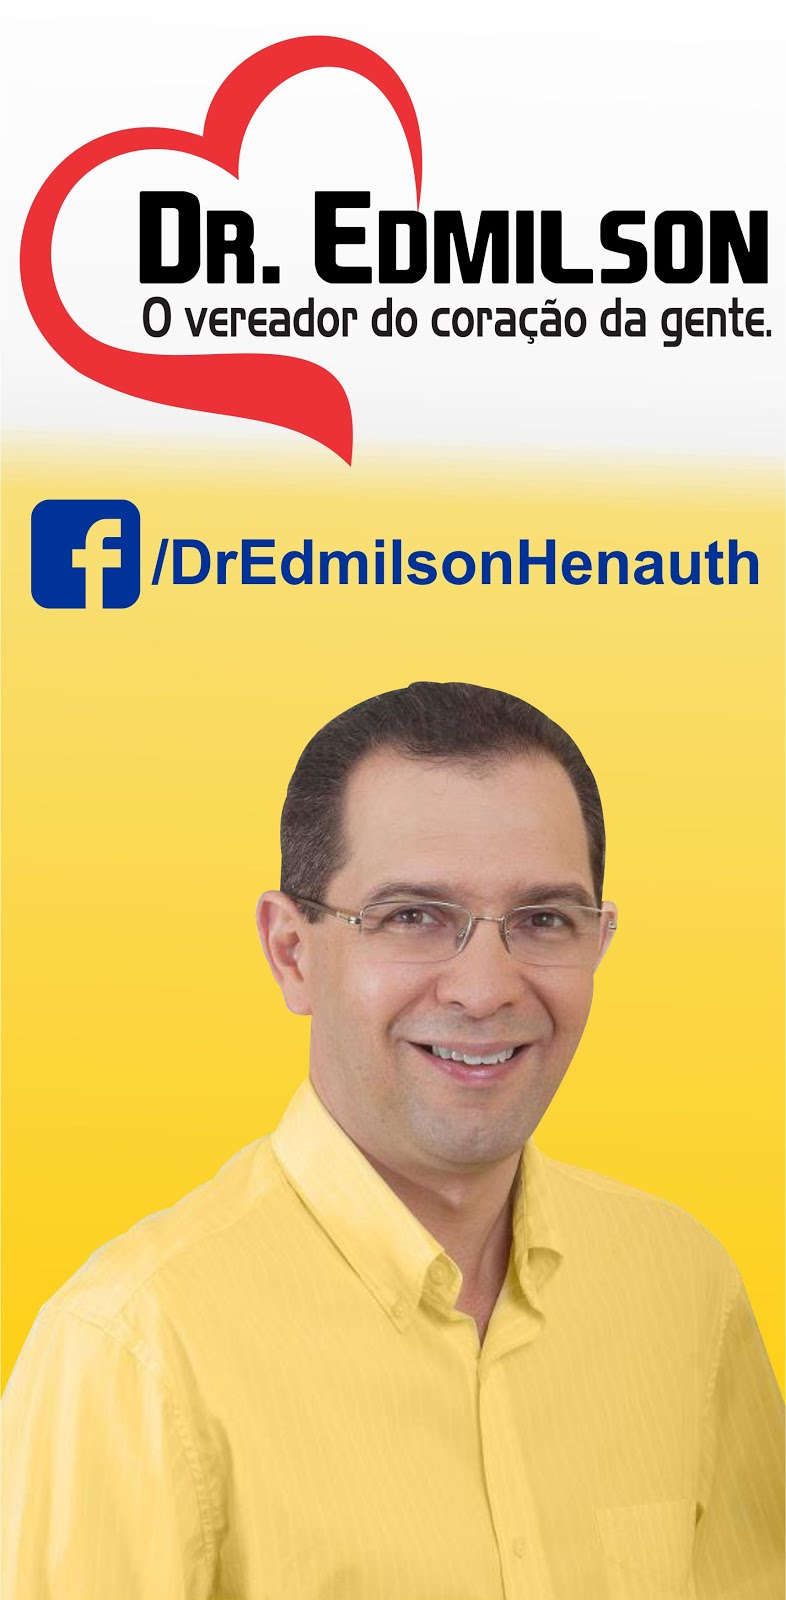 Acompanhe Dr. Edmilson no Facebook